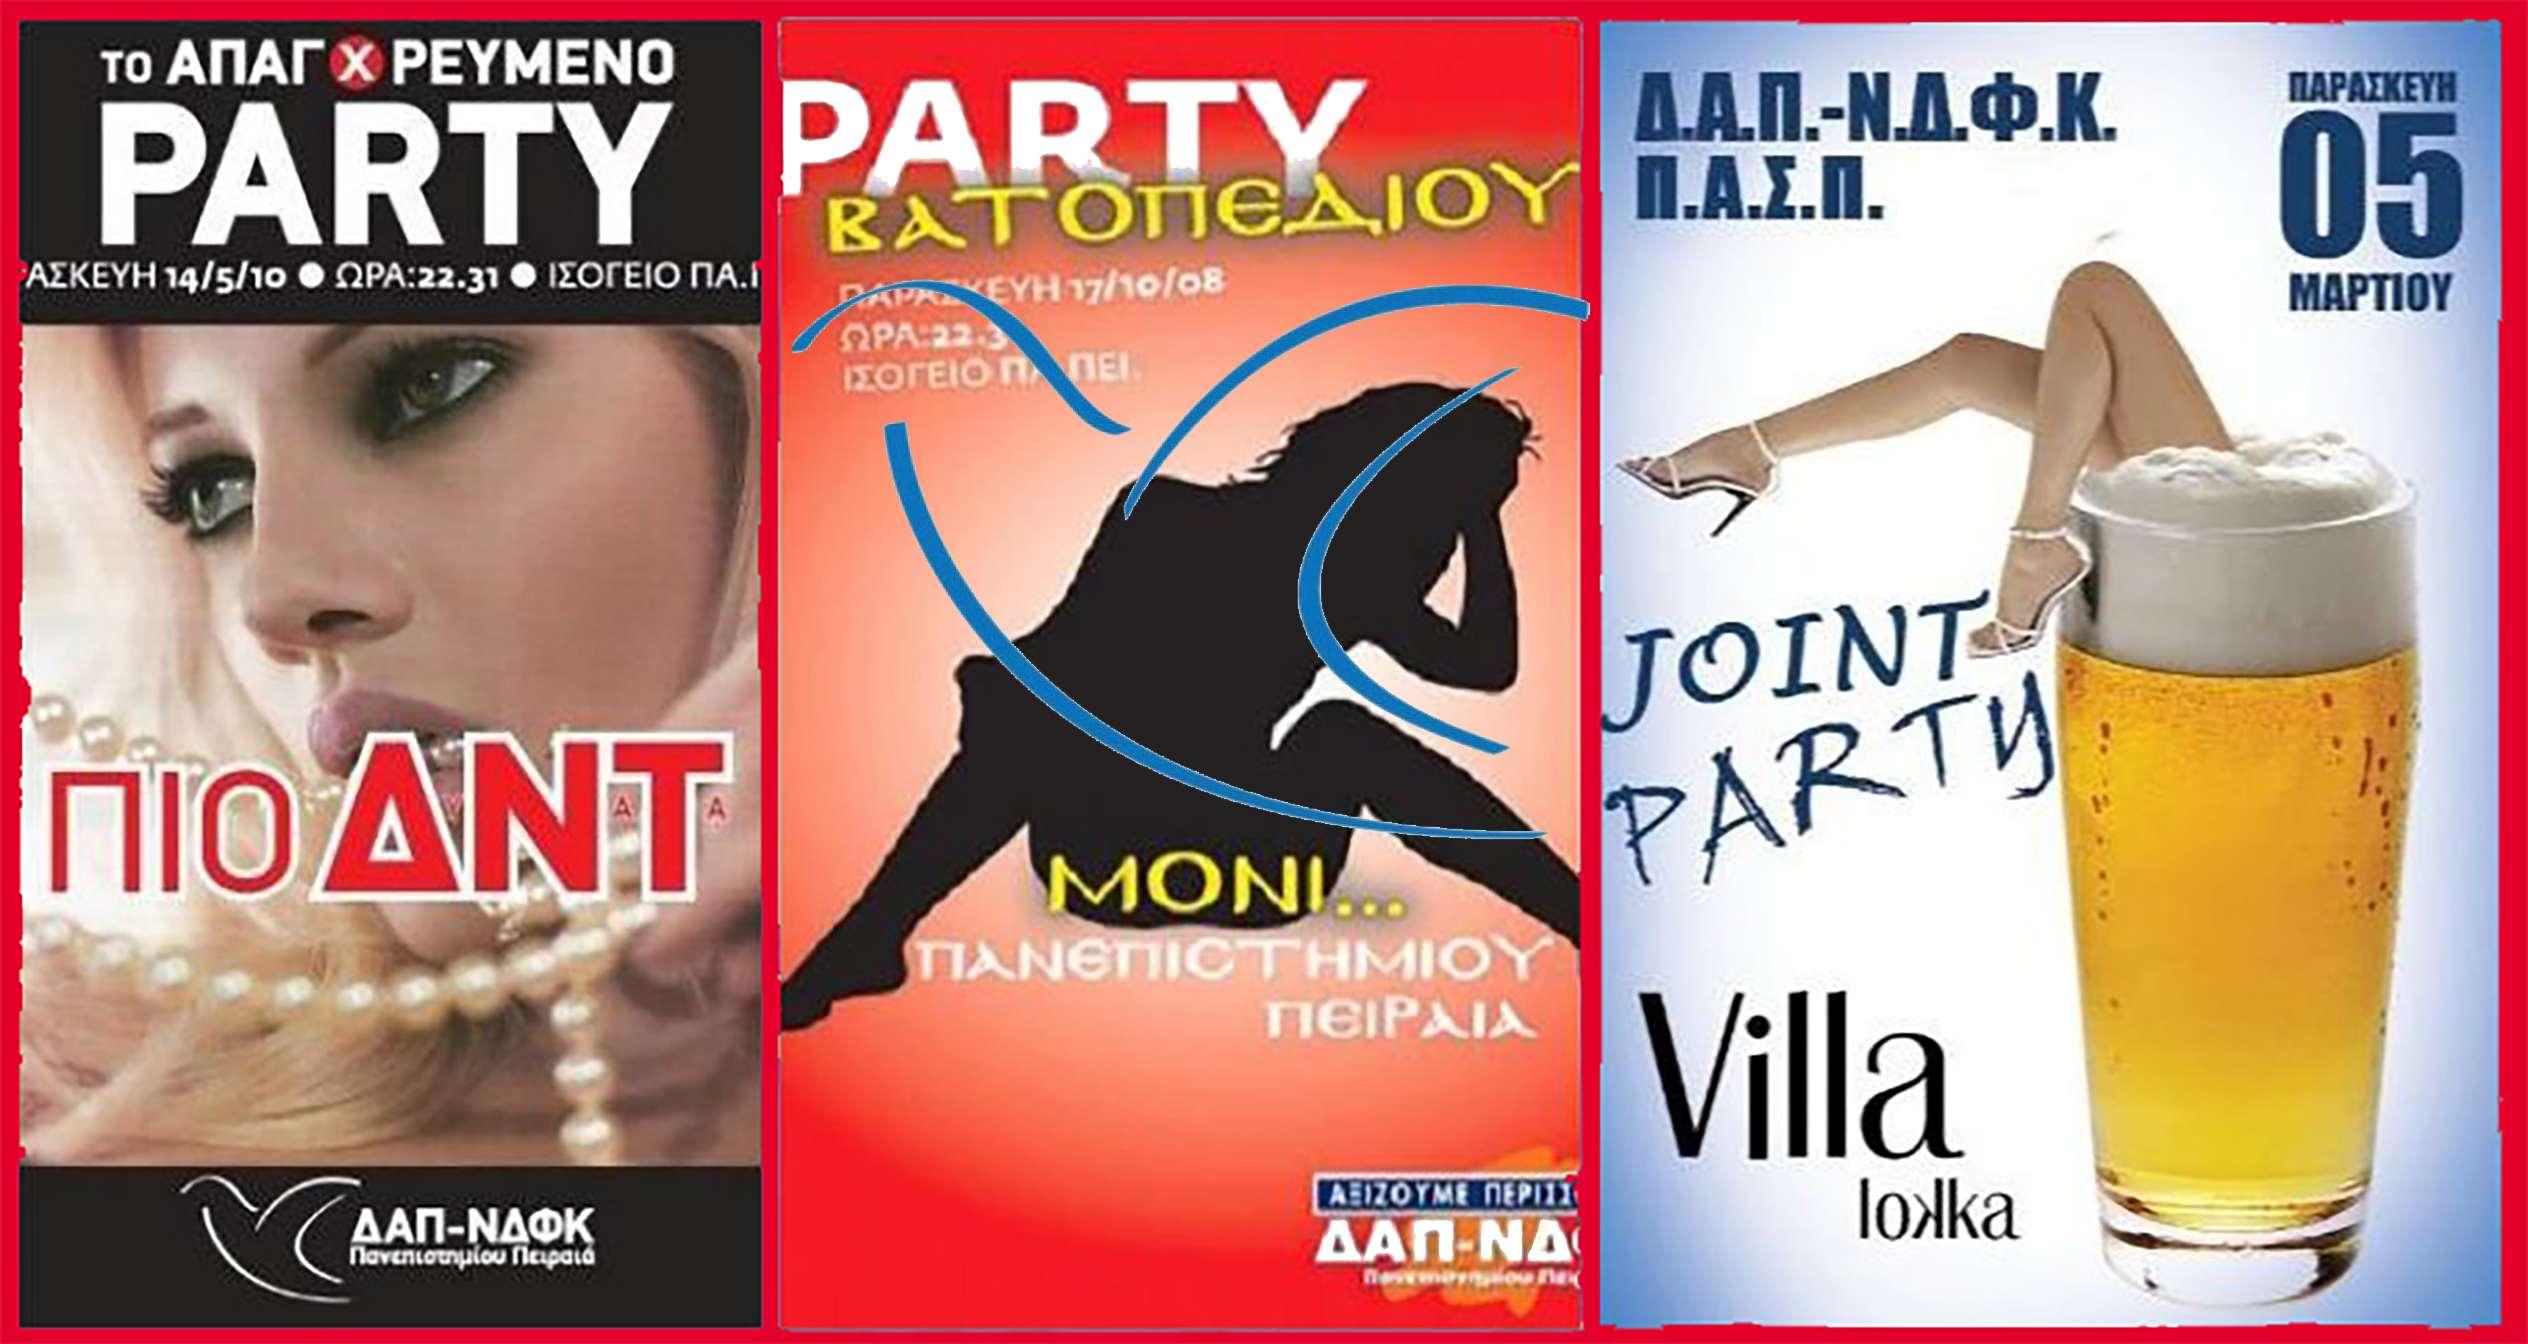 ΔΑΠ–ΝΔΦΚ Πάρ' τη με 6€ Πάρτι μωρή άρρωστη Summer Party